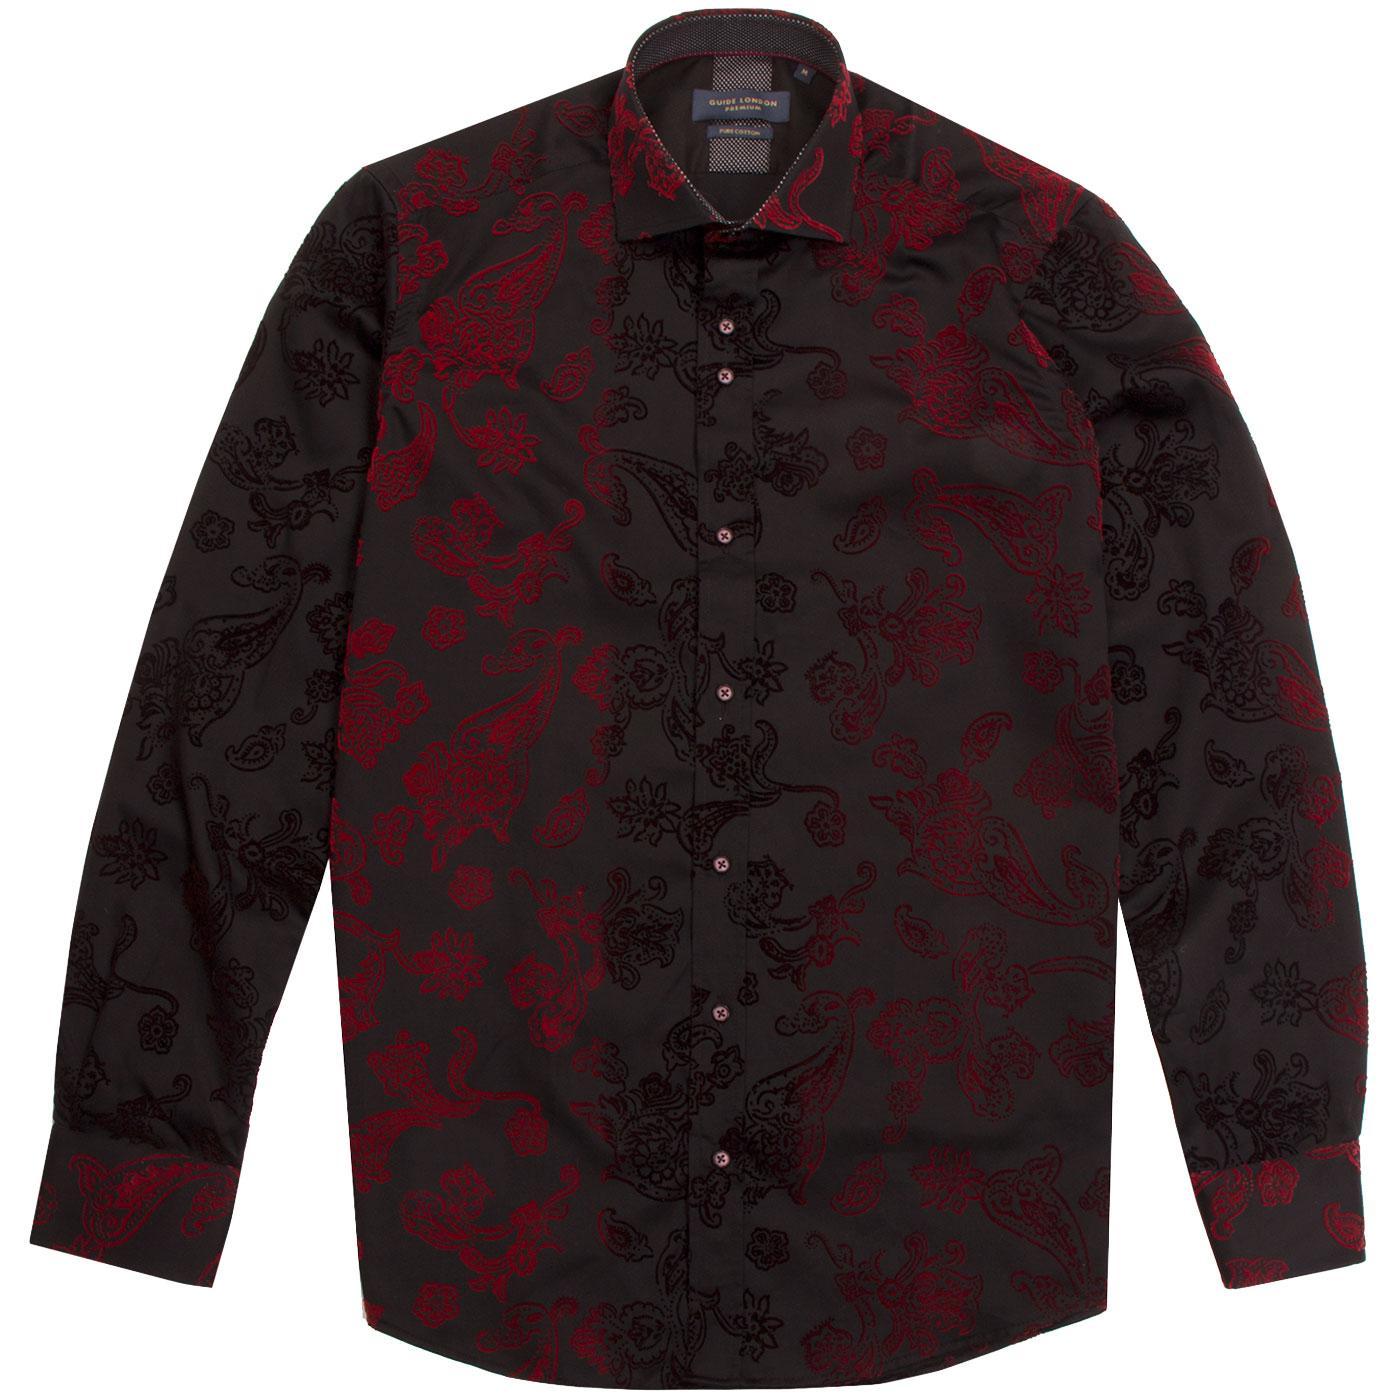 GUIDE LONDON Men's Baroque Floral Paisley Shirt